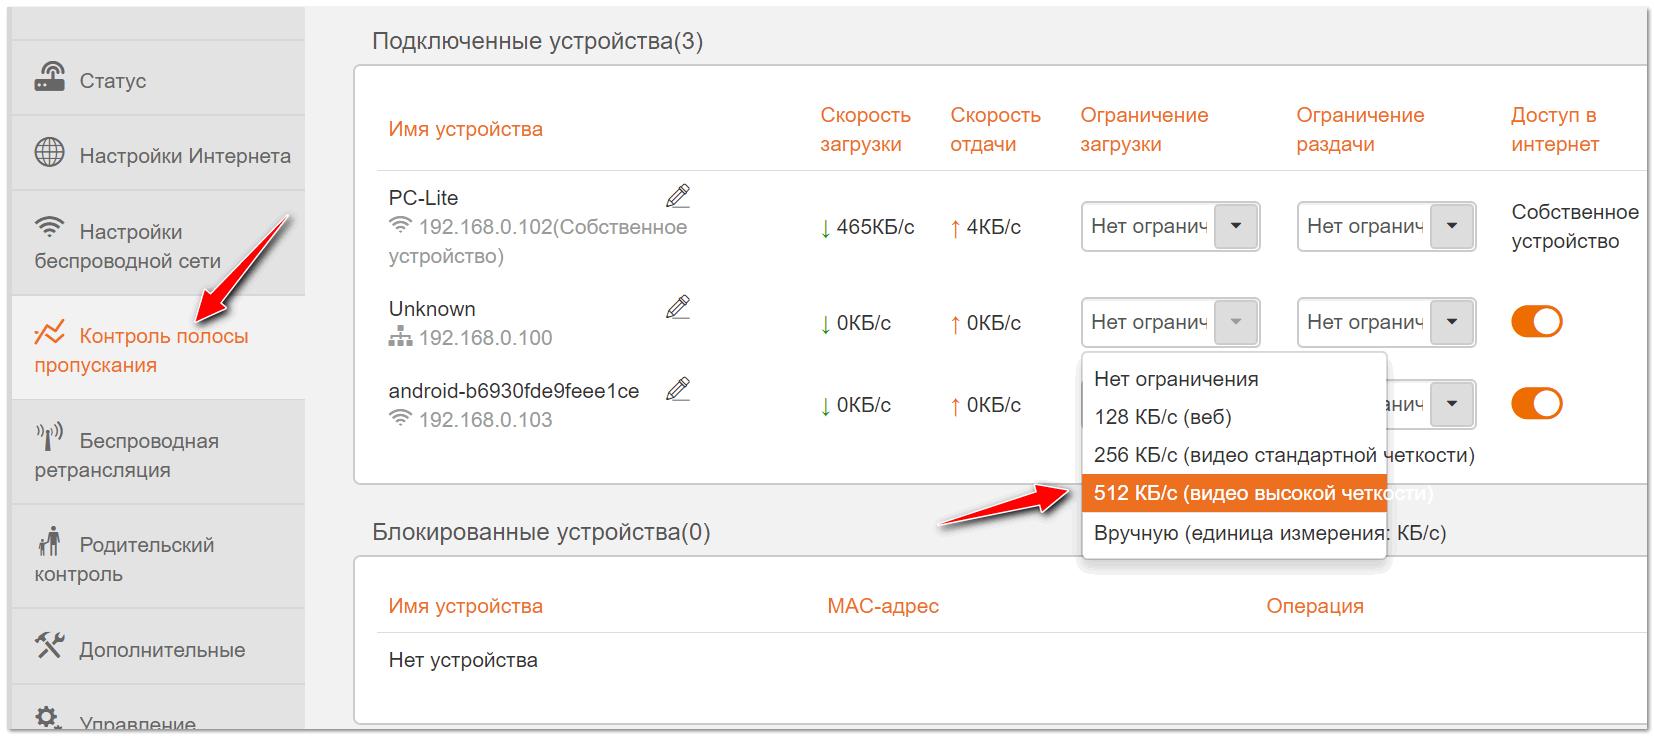 Ограничение скорость загрузки пользователю в 512 КБ/с